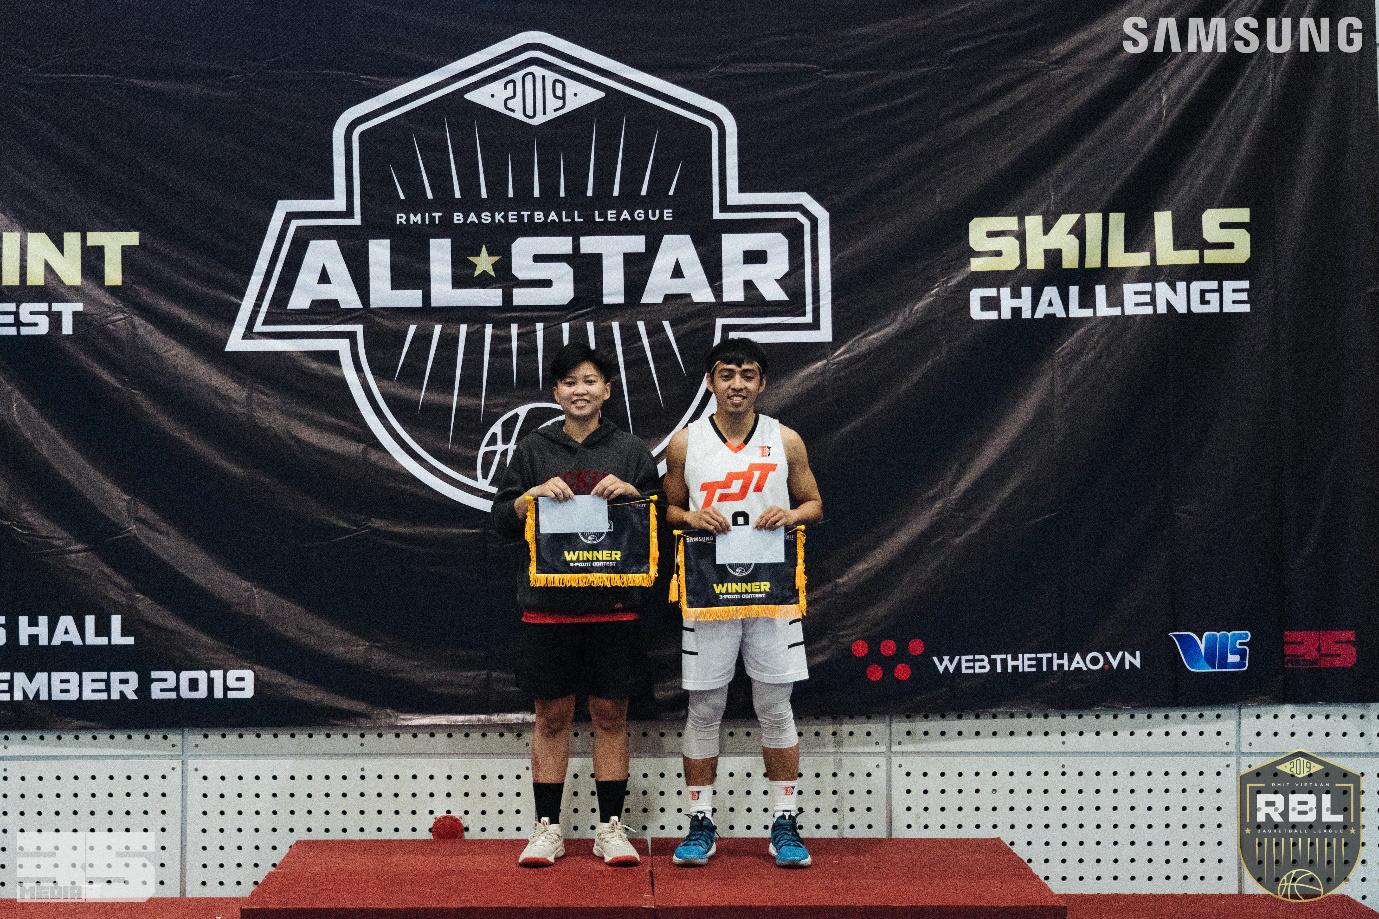 So tài nảy lửa tại RMIT Basketball League x Samsung All-Star 2019 với tinh thần Làm Điều Không Thể - Ảnh 3.